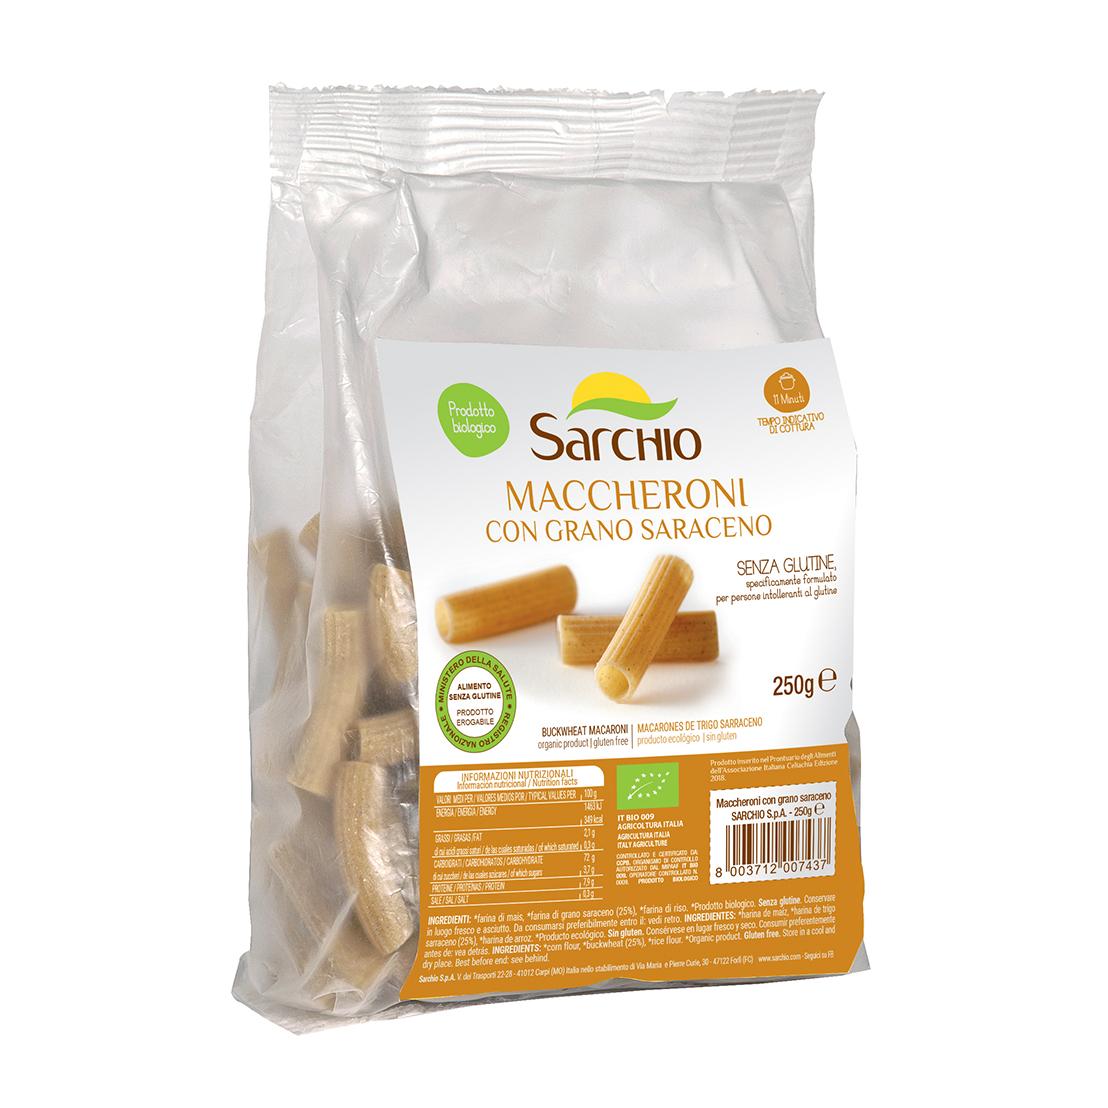 Buckwheat maccheroni